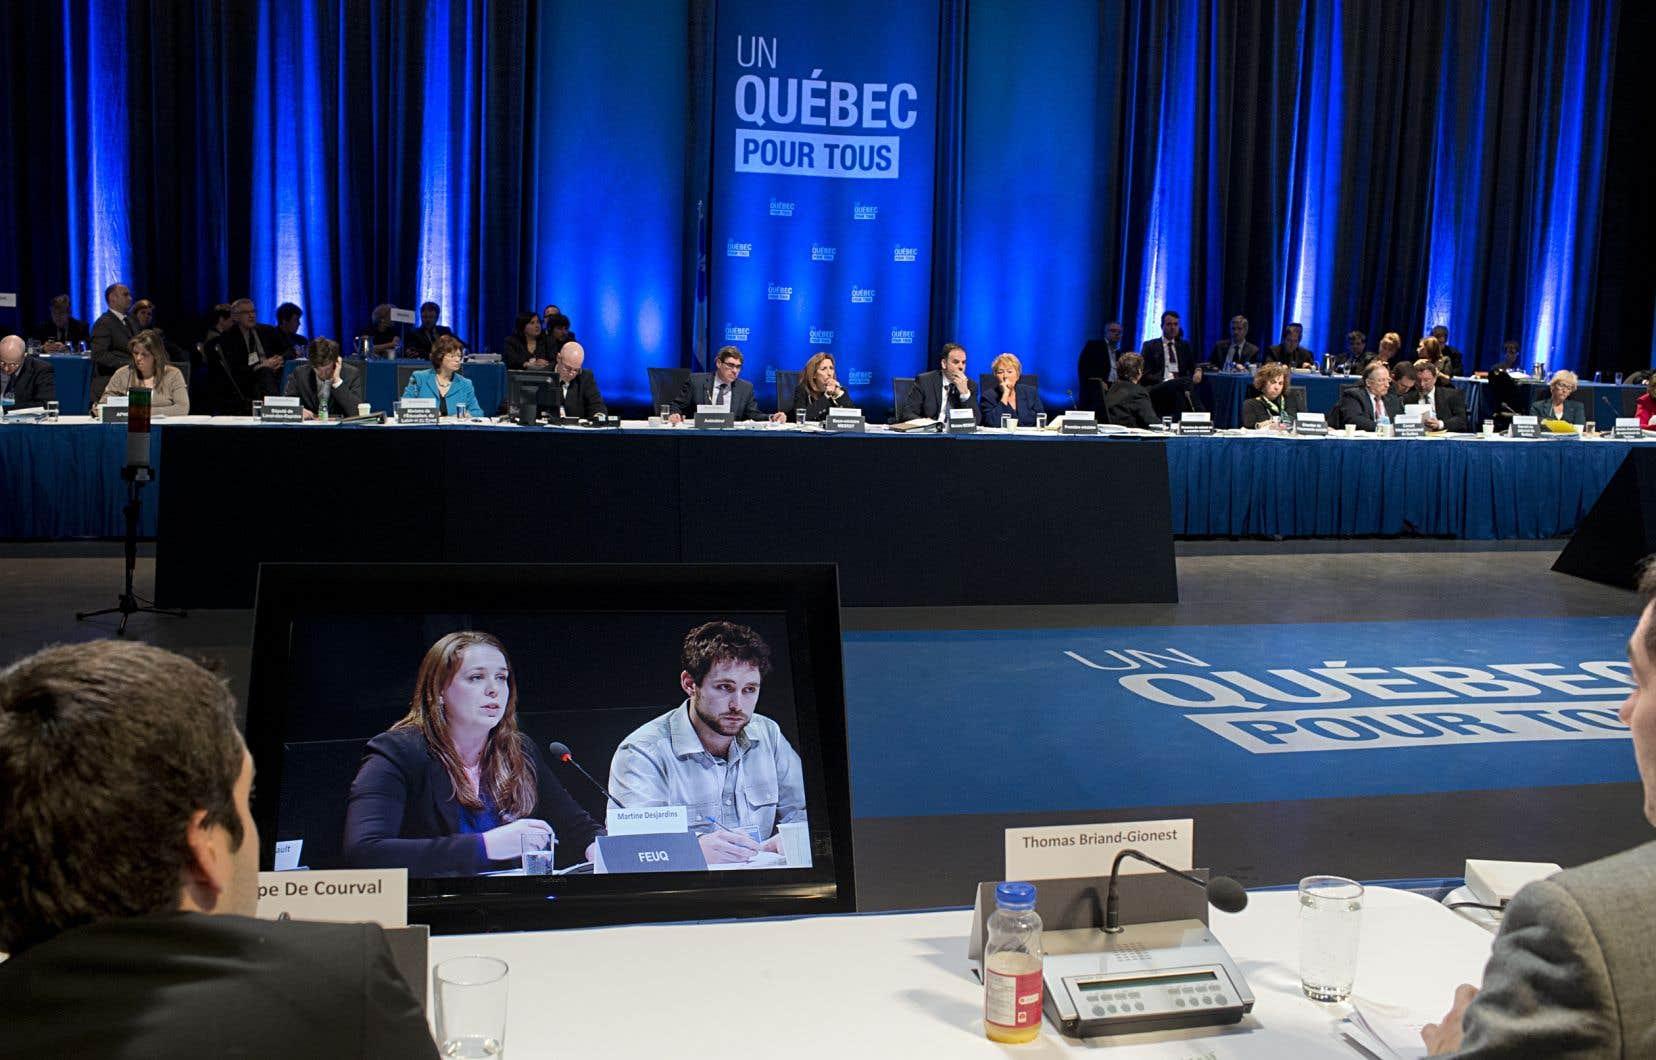 Cinq ans après le Sommet sur l'enseignement, le Conseil national des universités n'a toujours pas vu le jour.